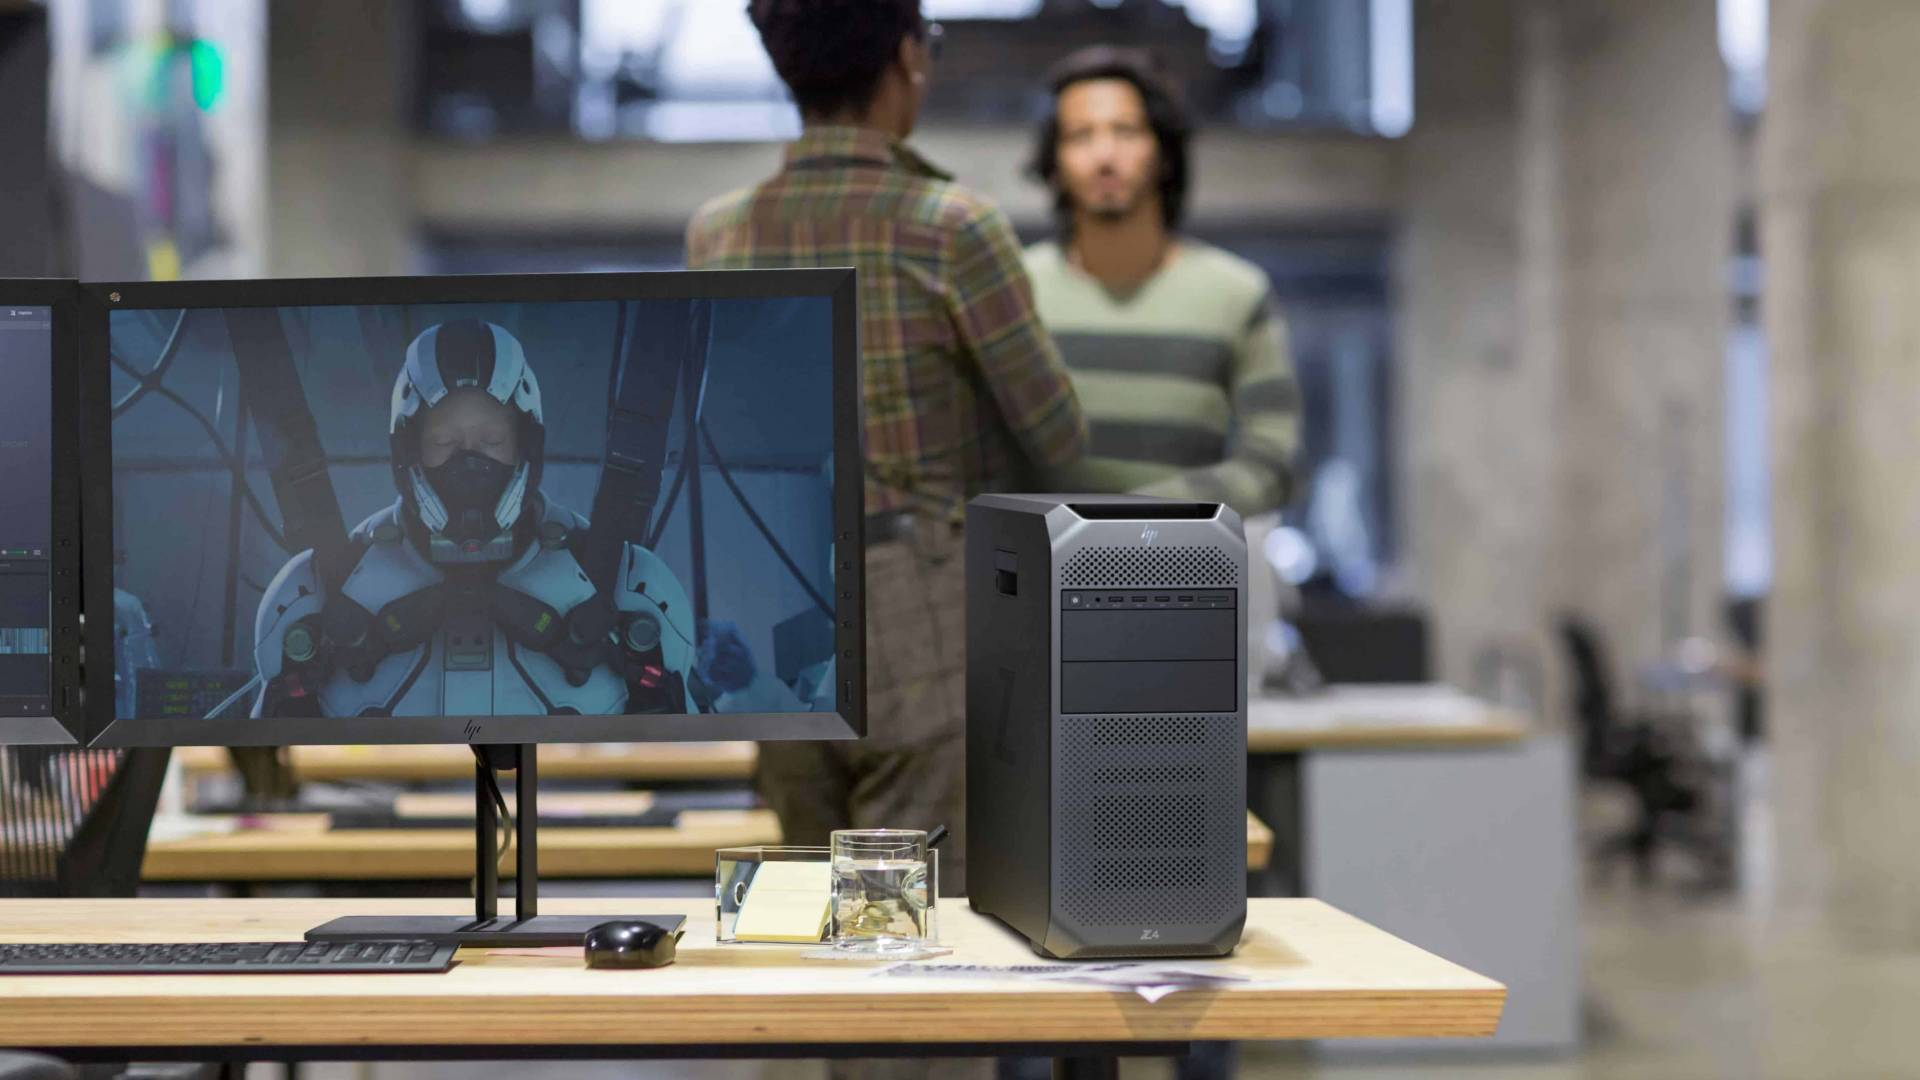 HP Z6 G4 in a modern office